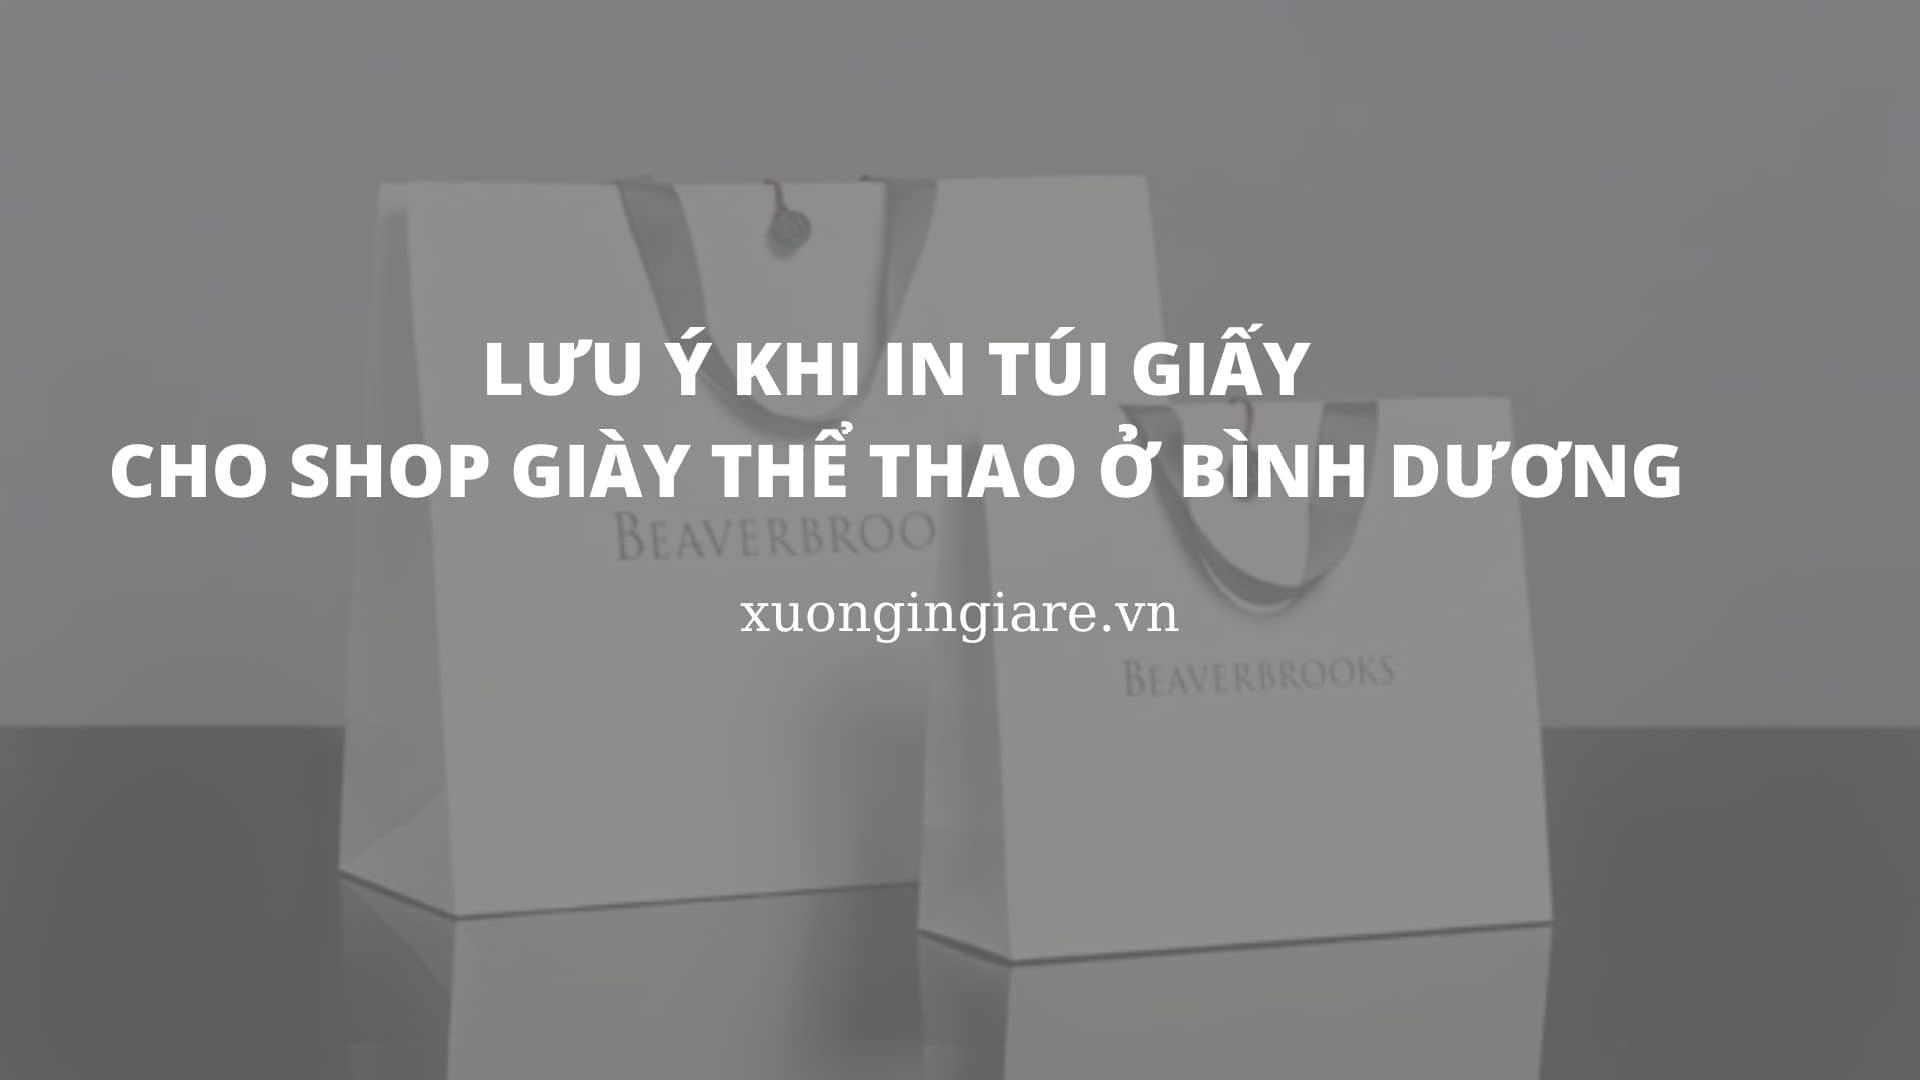 luu-y-khi-in-tui-giay-cho-shop-giay-the-thao-o-binh-duong